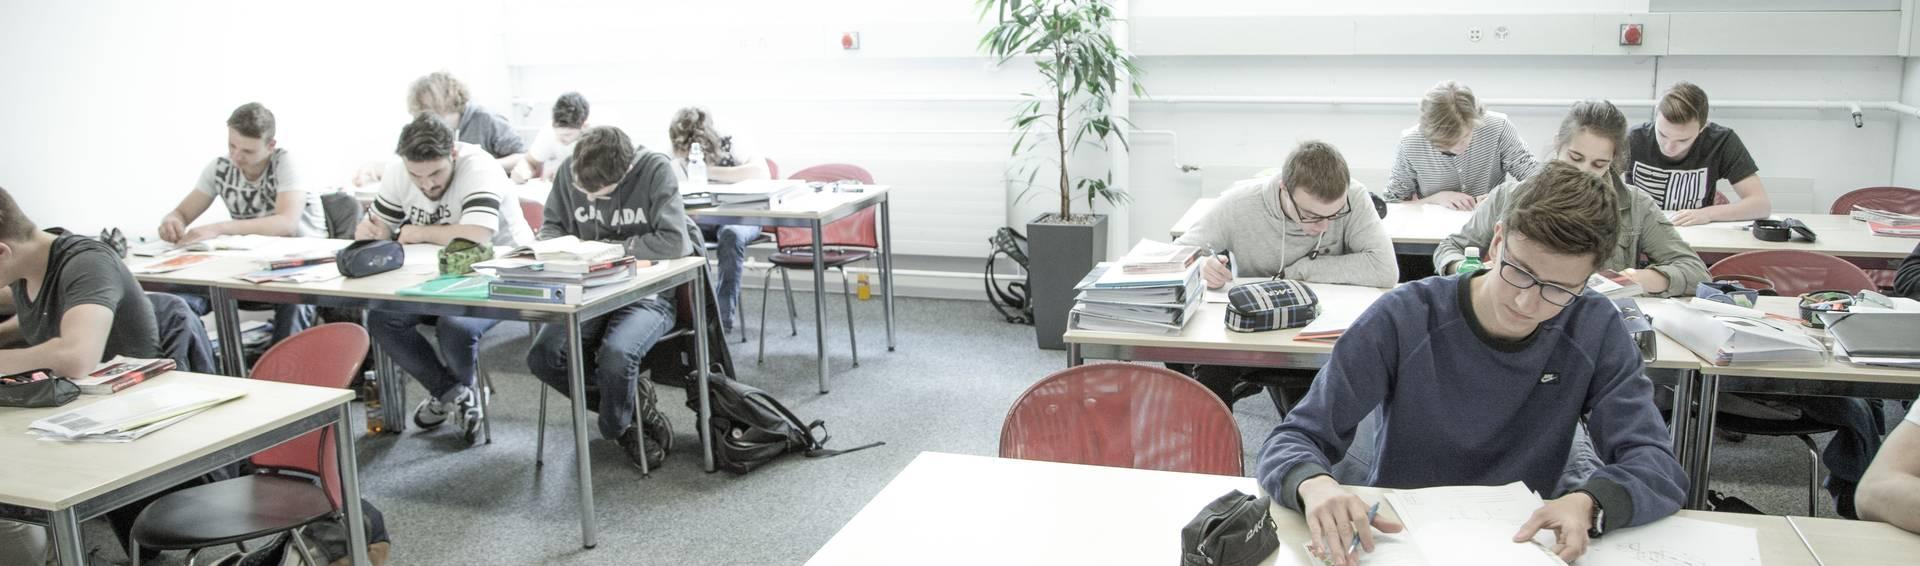 Konstrukteur/in EFZ: Teilprüfung